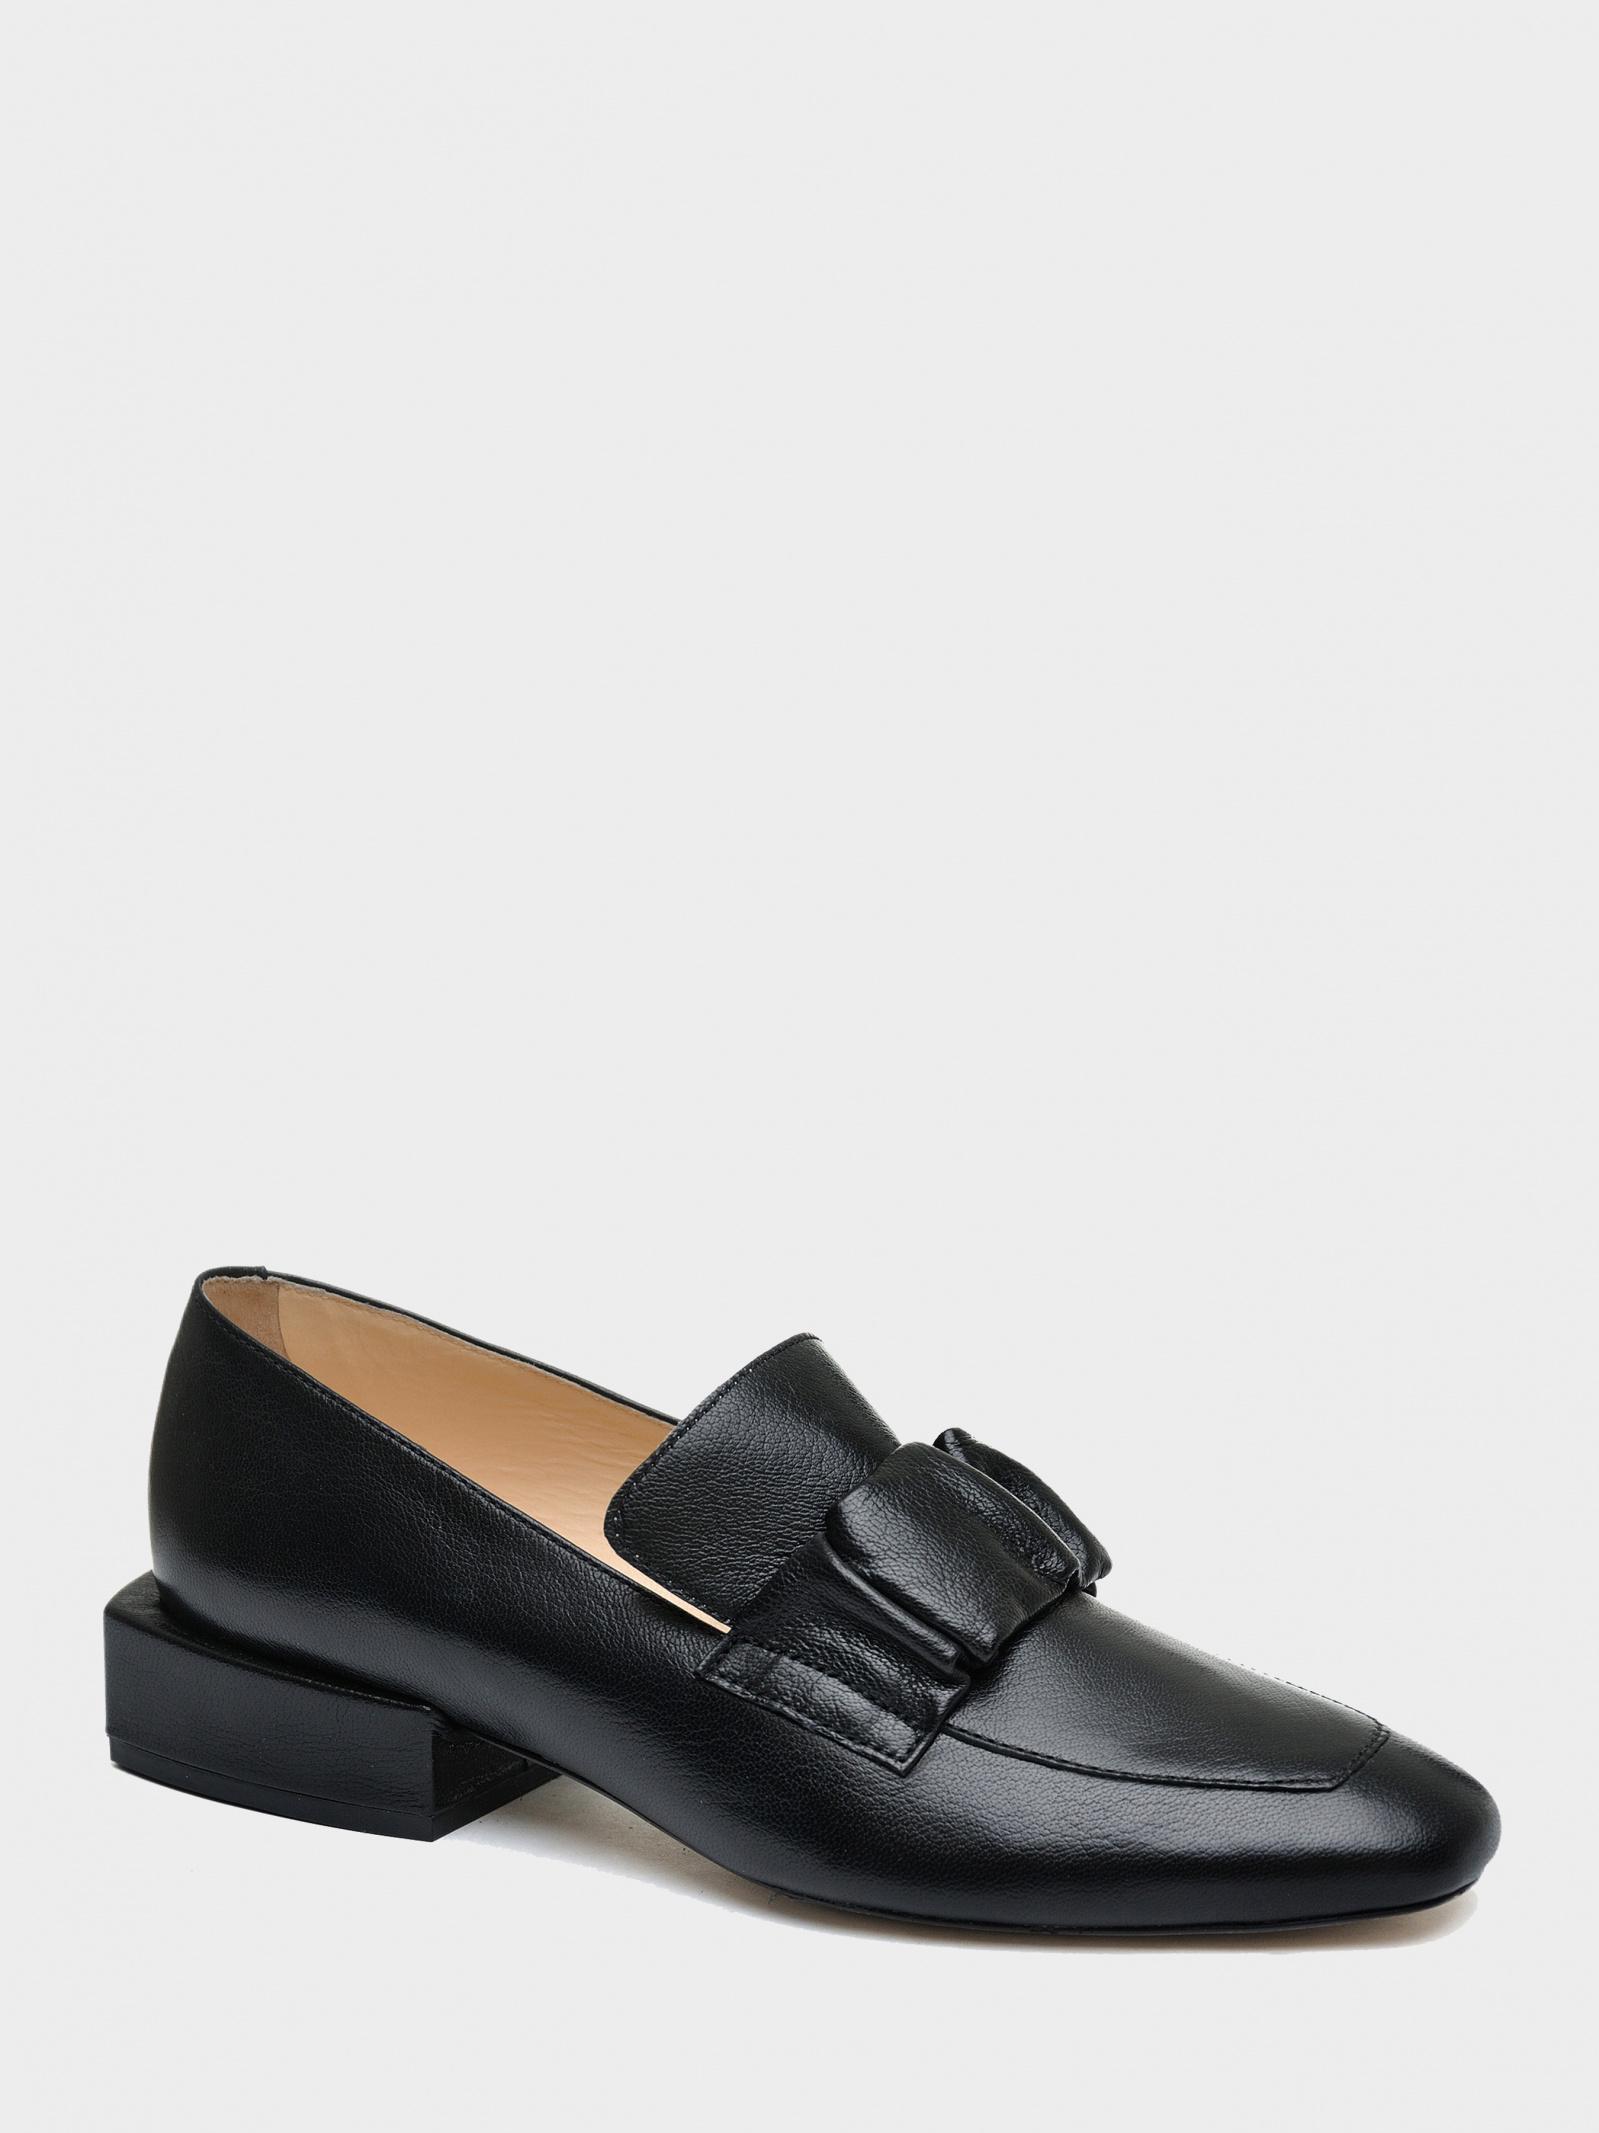 Туфлі  для жінок Modus Vivendi 887041 модне взуття, 2017